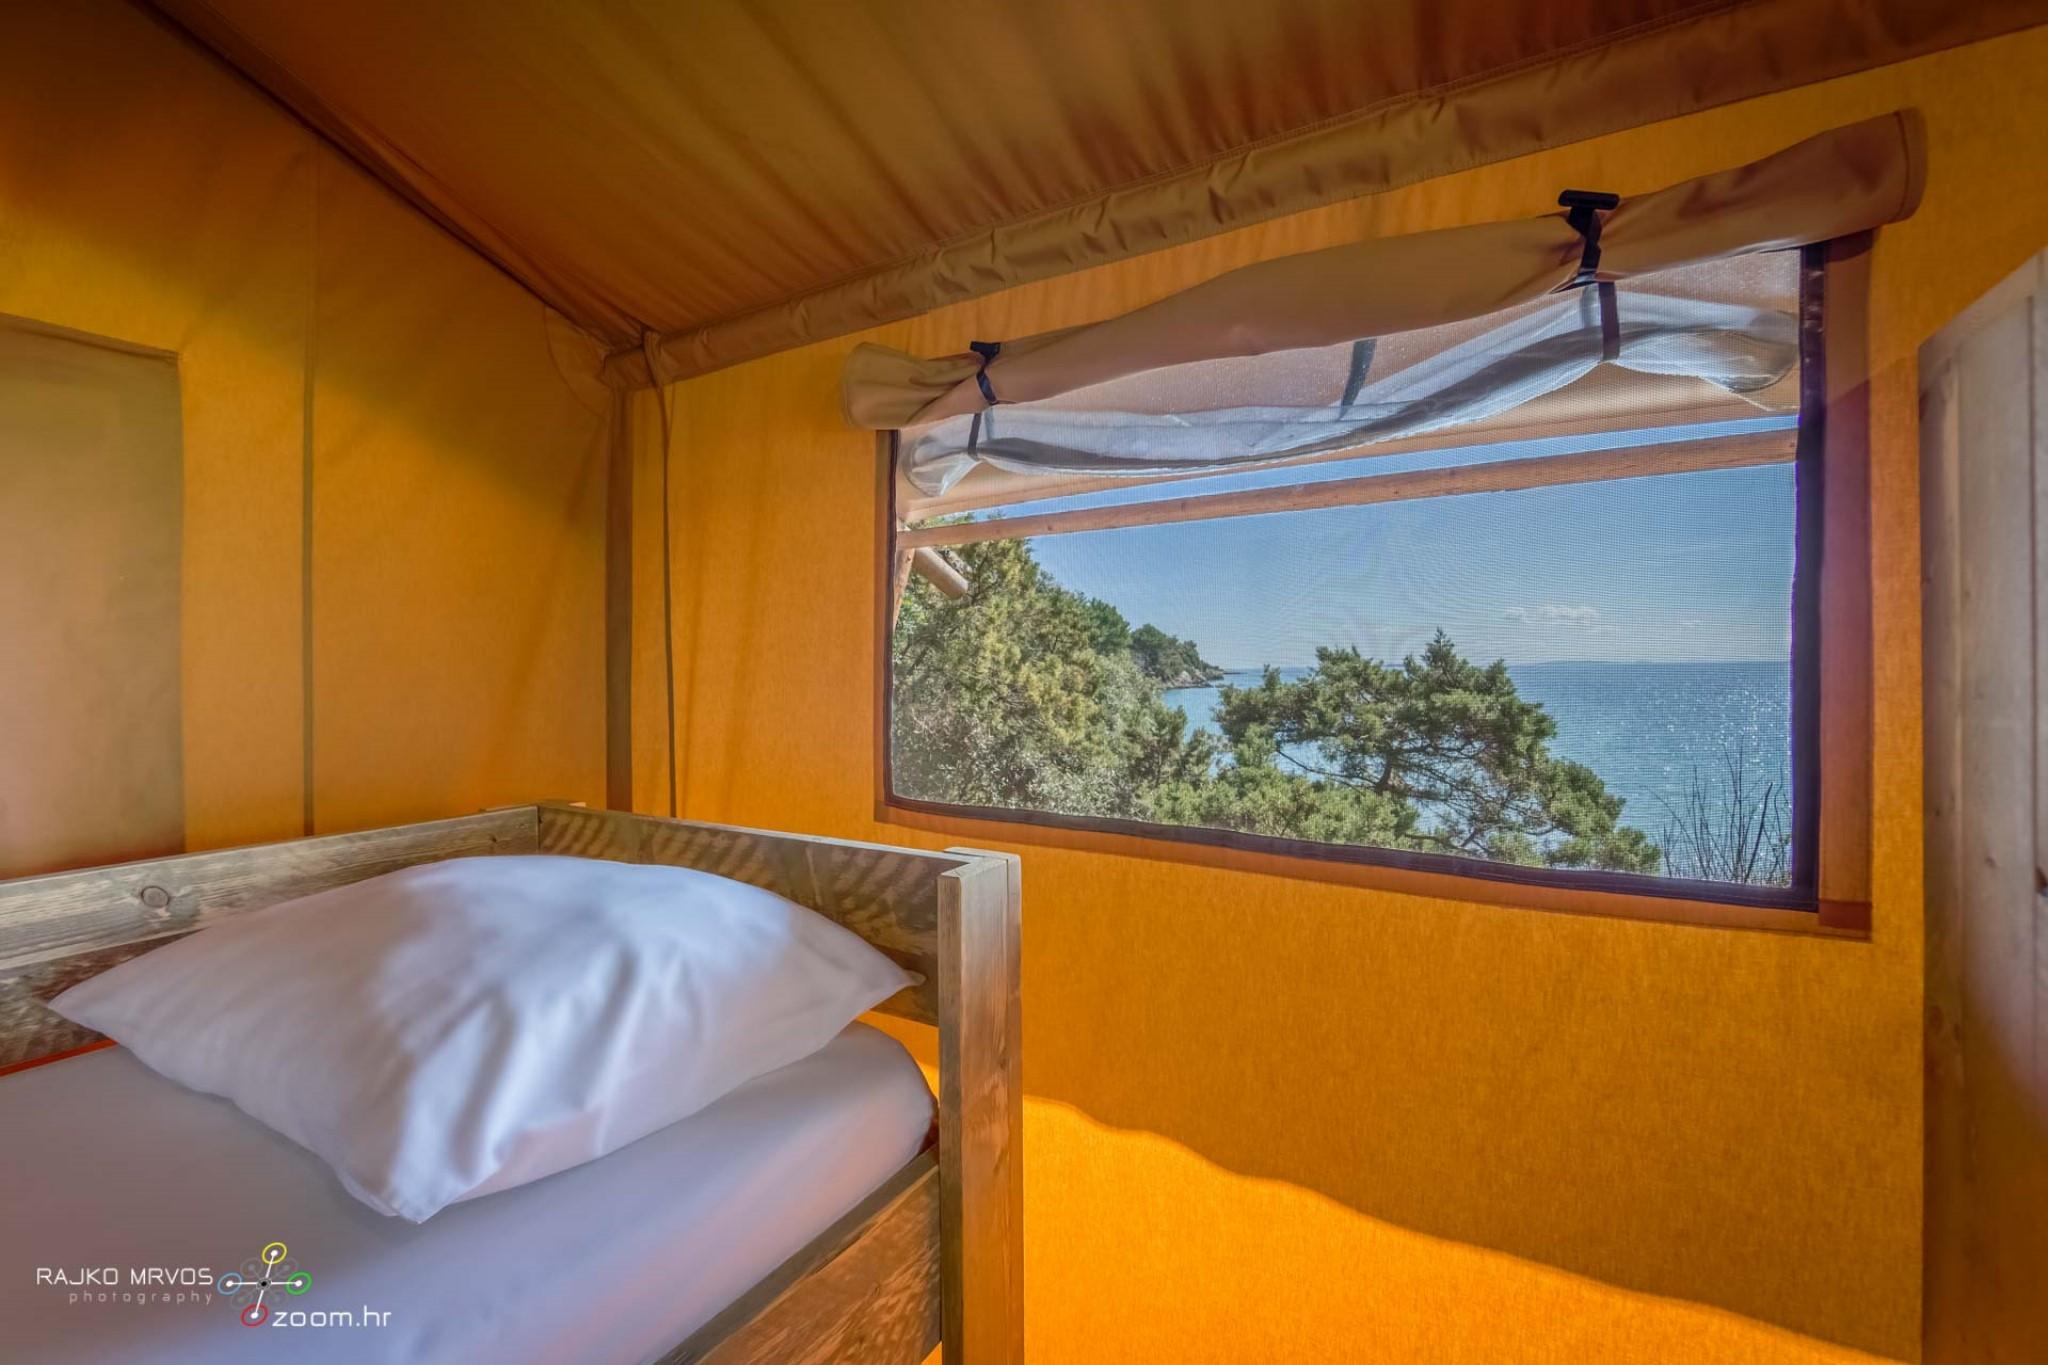 fotografiranje-interijera-fotograf-eksterijera-kampova-bungalova-kamp-satori-mobilne-kucice-10